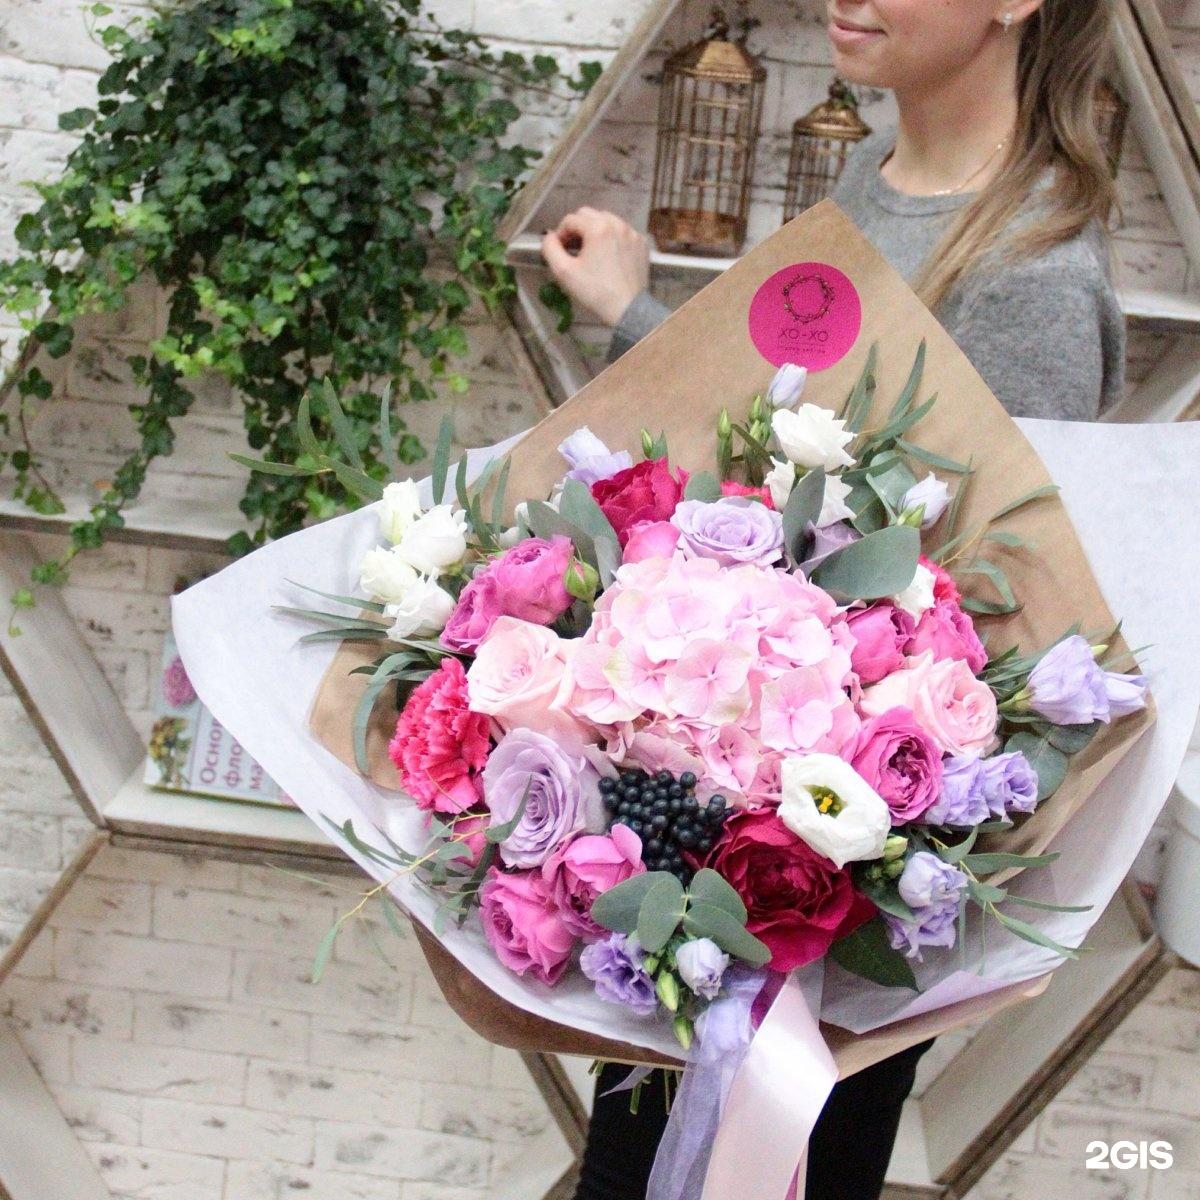 Розы саратове, доставка подарков и цветов екатеринбург